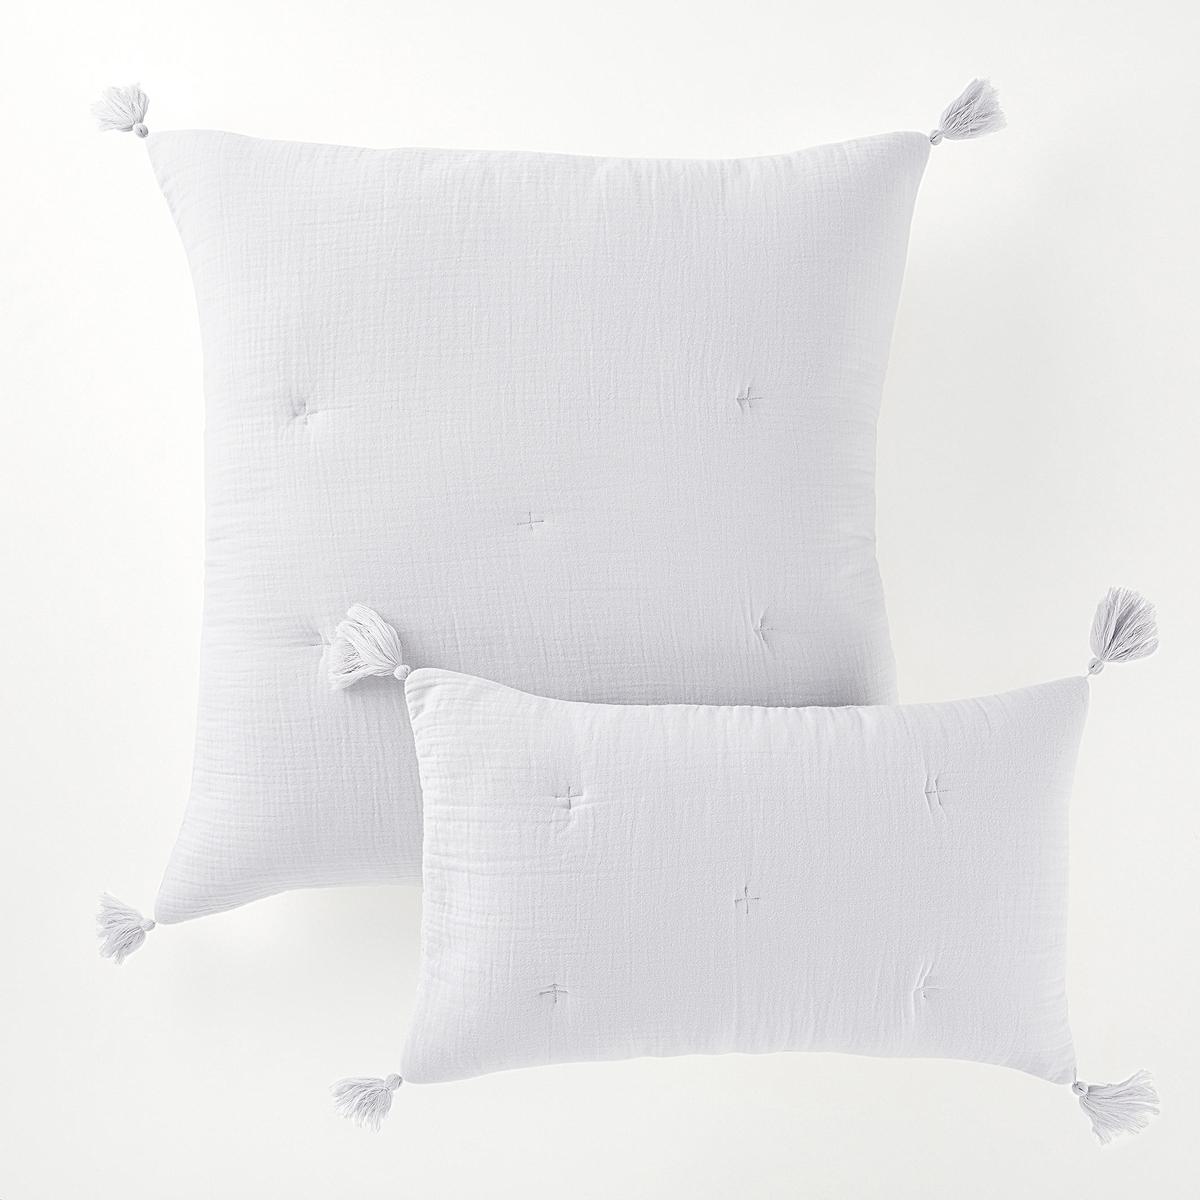 Наволочка на подушку-валик или подушку, KumlaСтеганая наволочка на подушку-валик или на подушку Kumla. Наволочка на подушку-валик Kumla добавит очарования спальне или гостиной и создаст нежное и комфортное пространство. Характеристики наволочки на подушку-валик или подушку Kumla :Форма конверта, 100% хлопок.Наполнитель 100% полиэстера (120 г/м?).Вышивка крестиком в тон.Отделка кисточками по углам.Стирка при 30°.Перину того же комплекта и другие модели декоративного текстиля вы можете найти на сайте laredoute.ruРазмеры :50 x 30 см65 x 65 см<br><br>Цвет: серый жемчужный